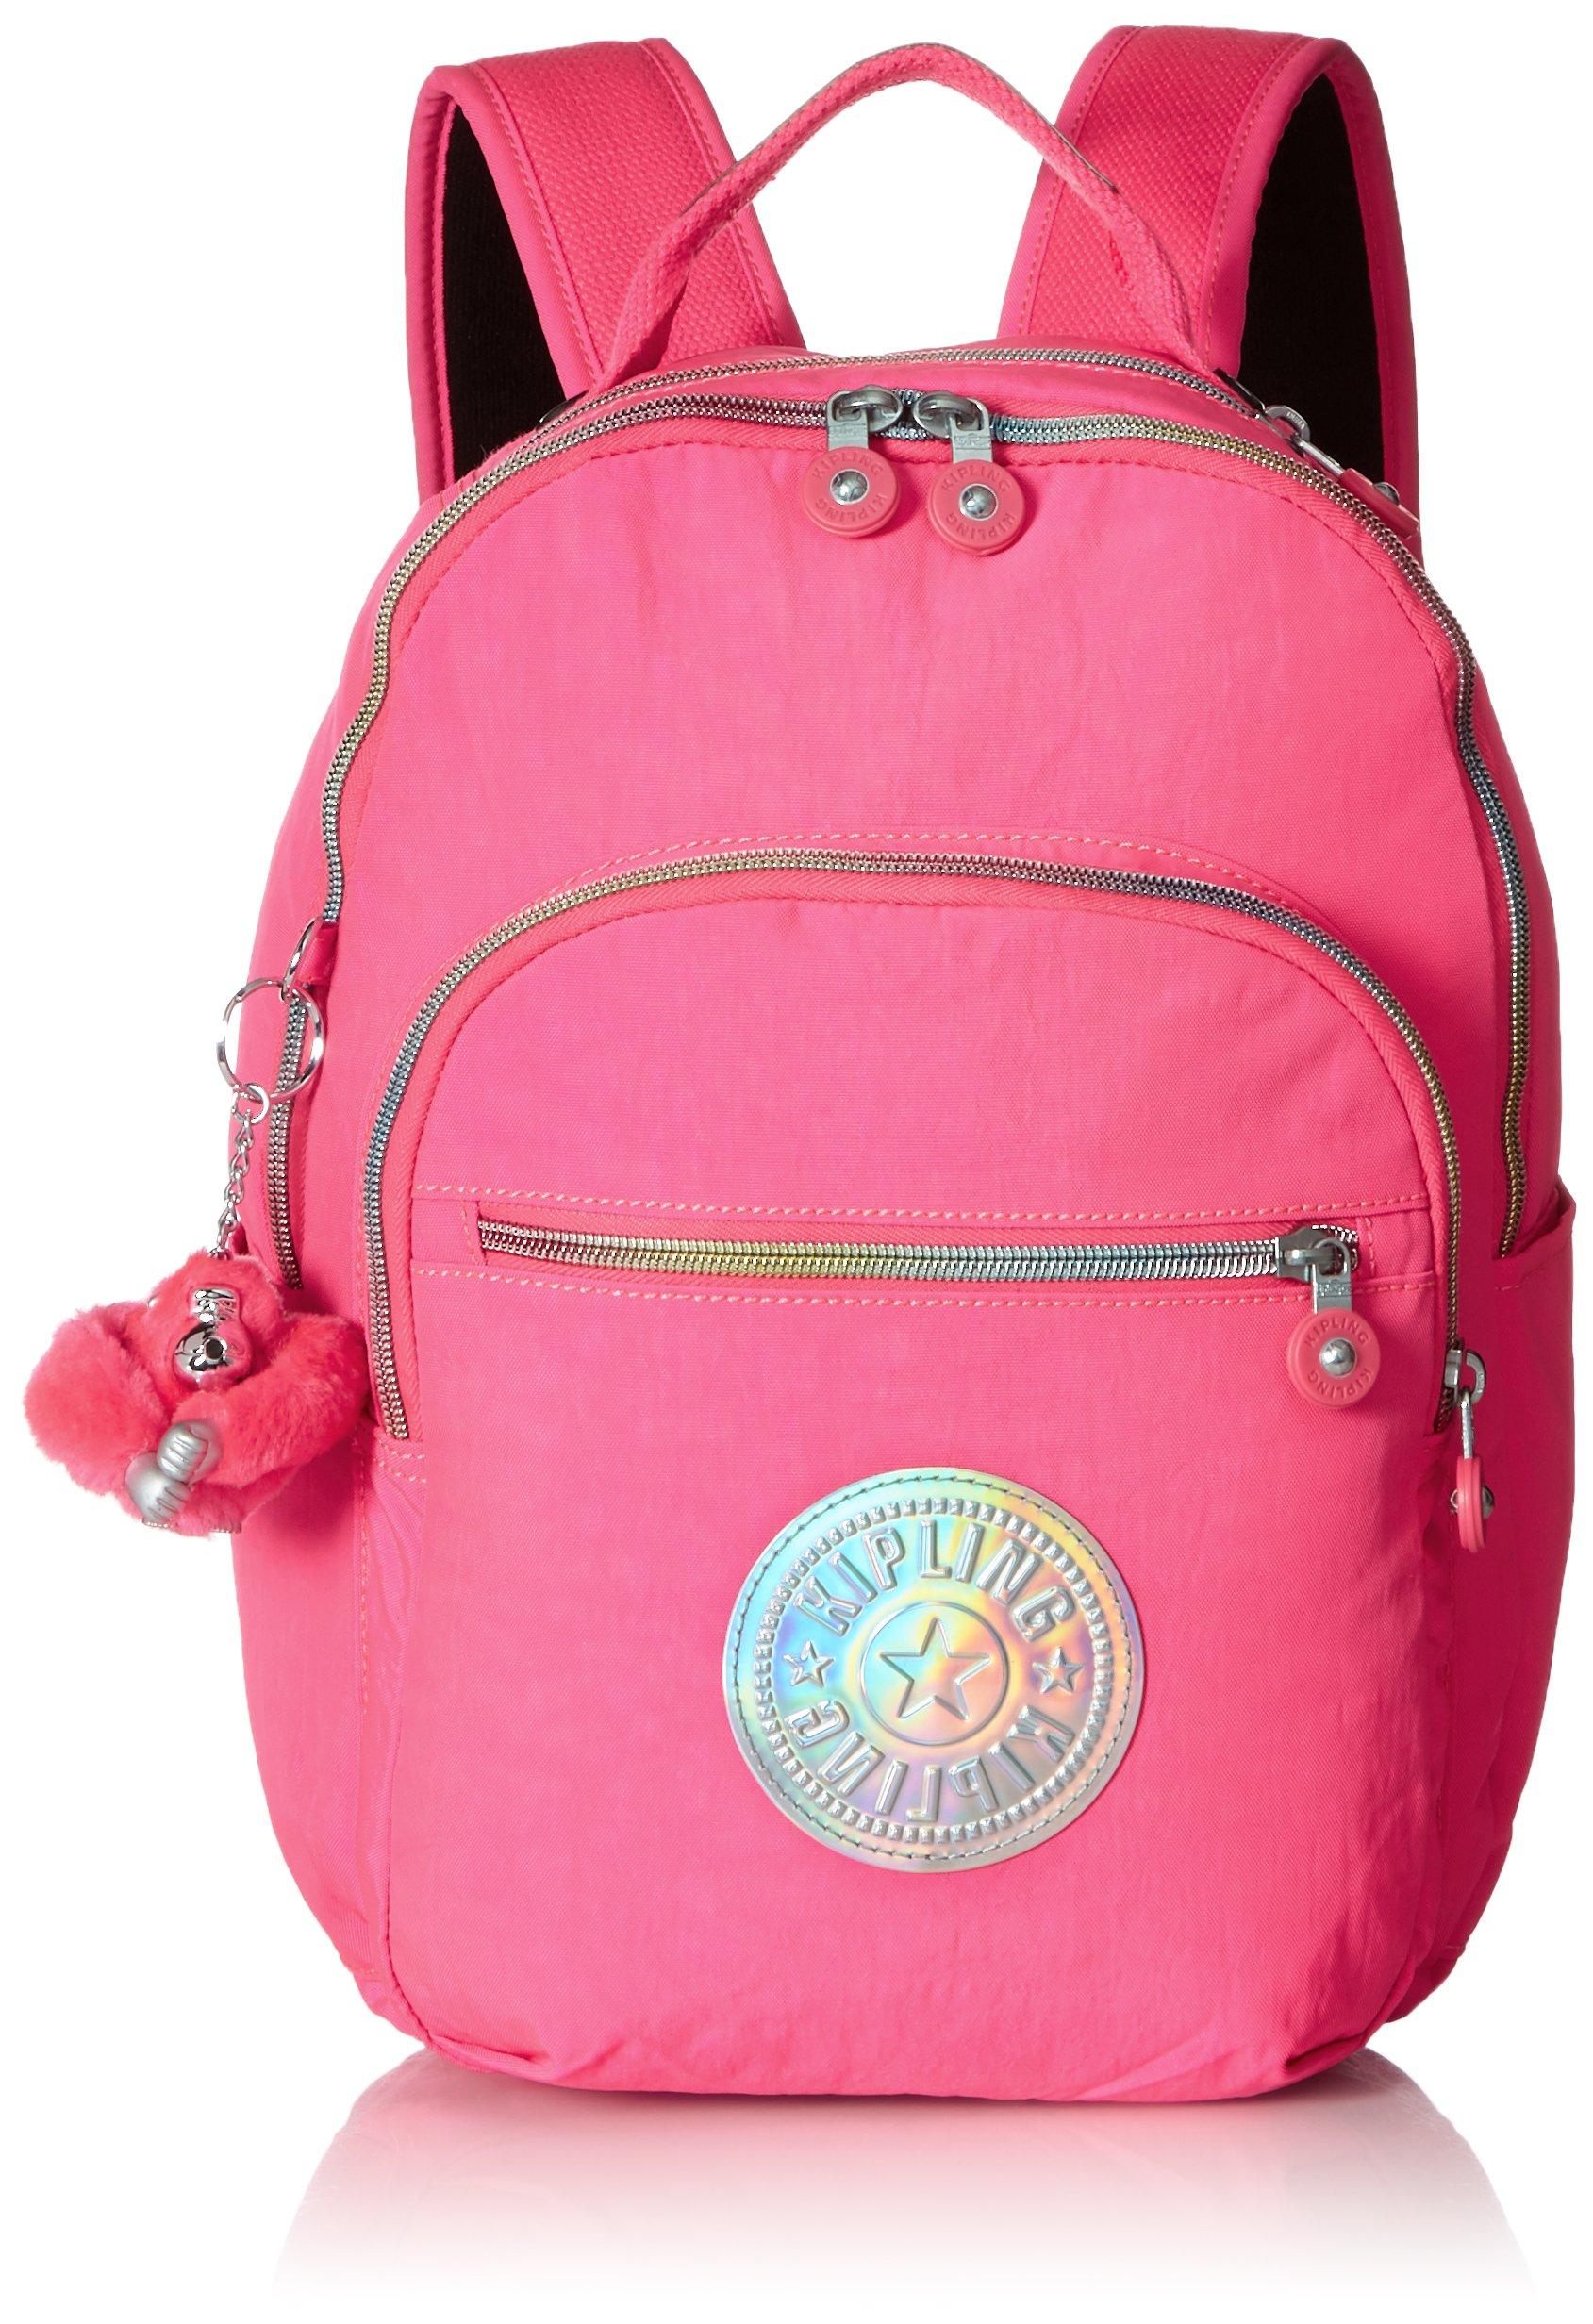 Kipling Seoul GO S Surfer Pink Hologram Backpack, SURFERPINK